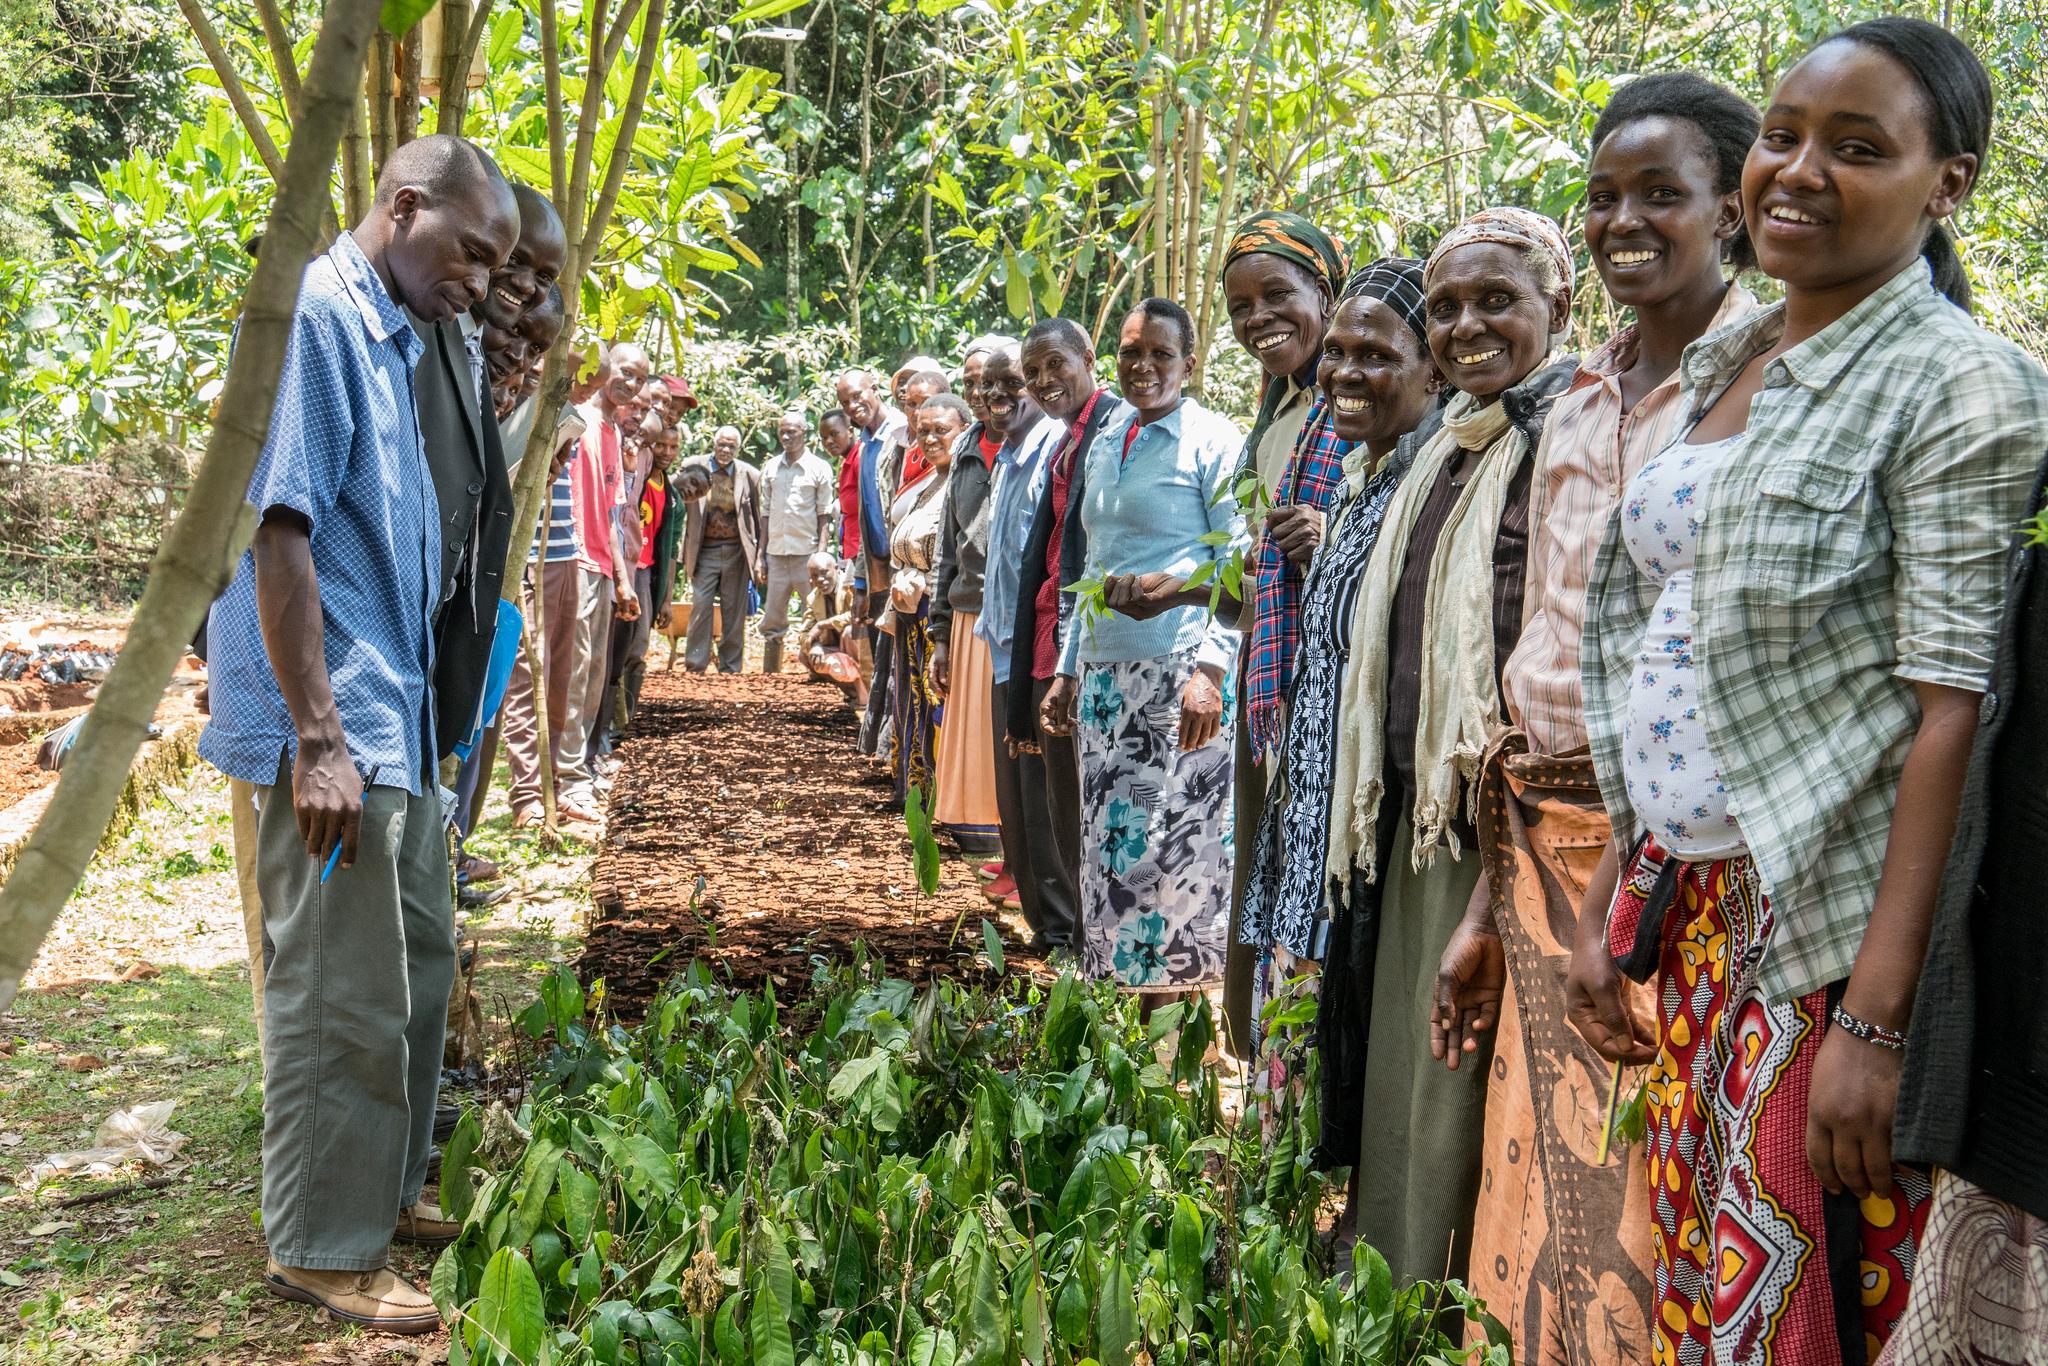 In Kenya, no progress on progressive 30% gender quota